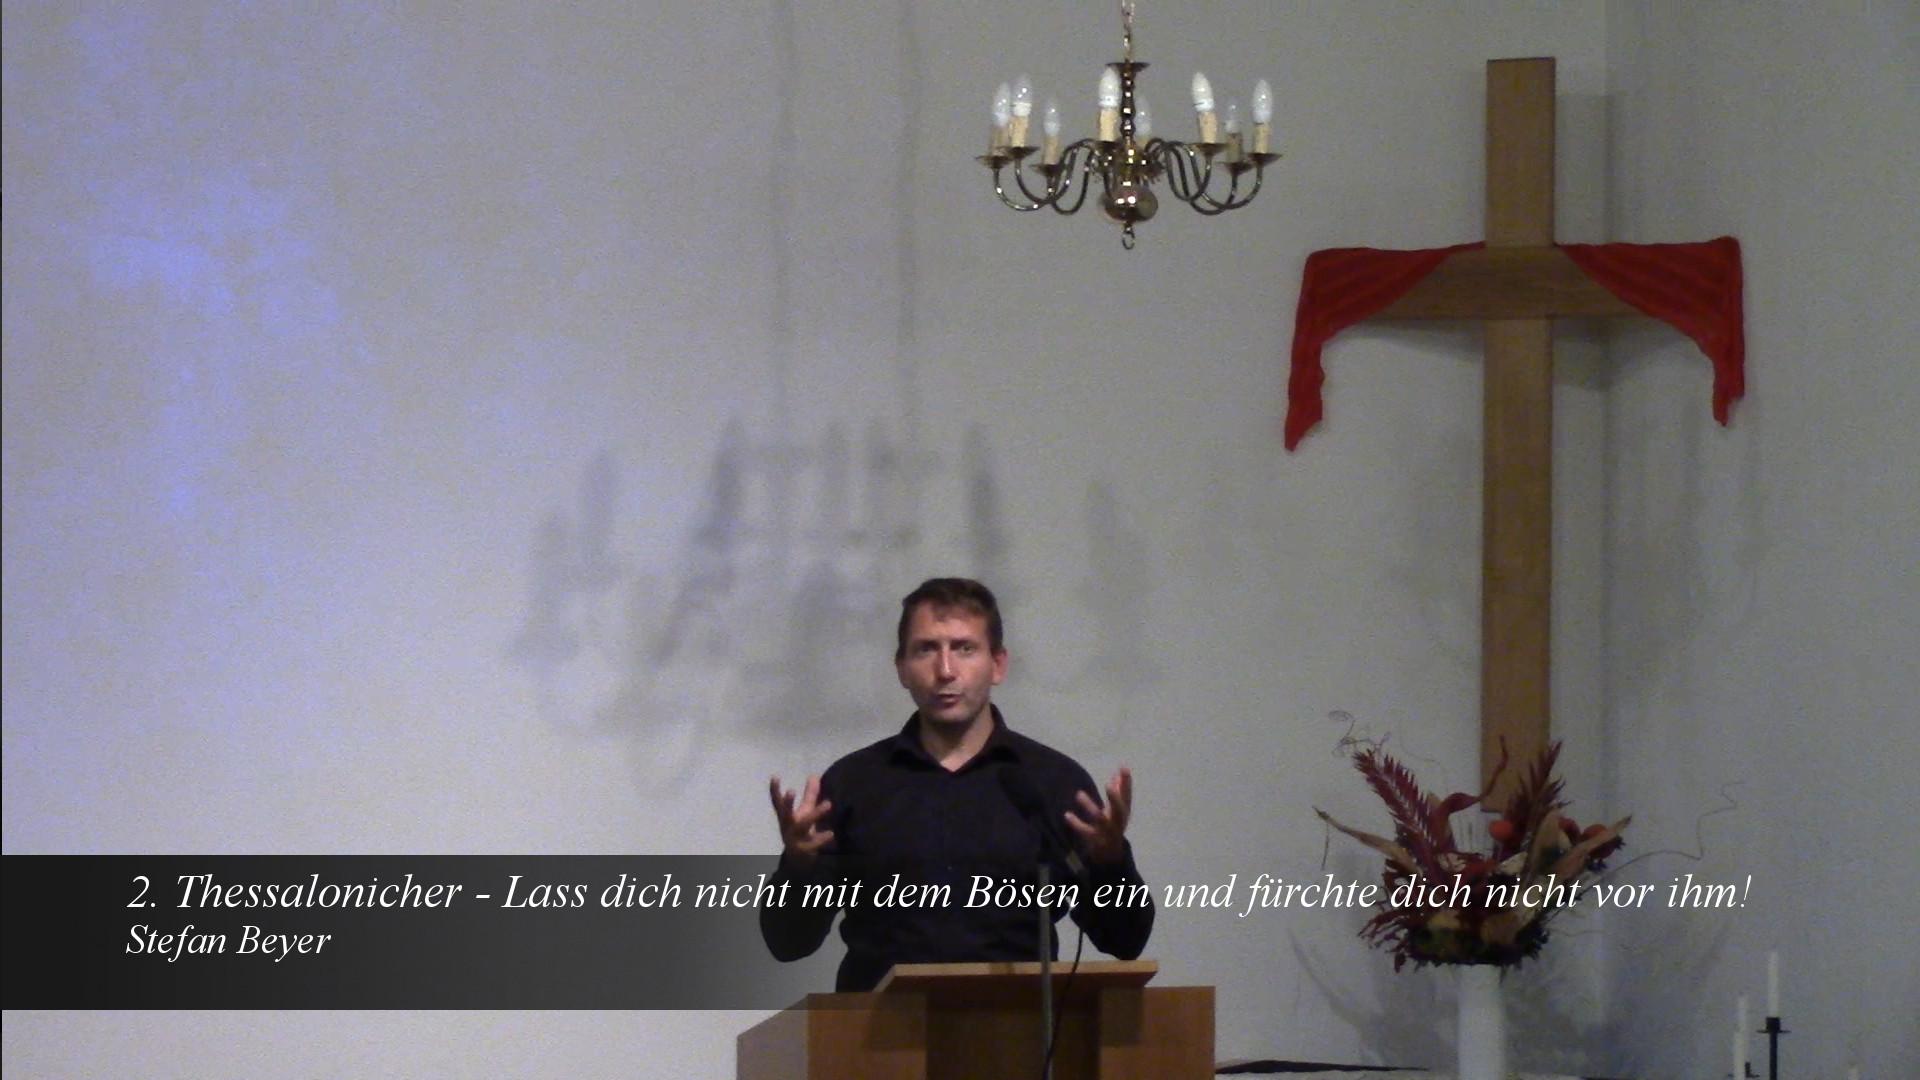 2. Thessalonicher – Lass dich nicht mit dem Bösen ein und fürchte dich nicht vor ihm!